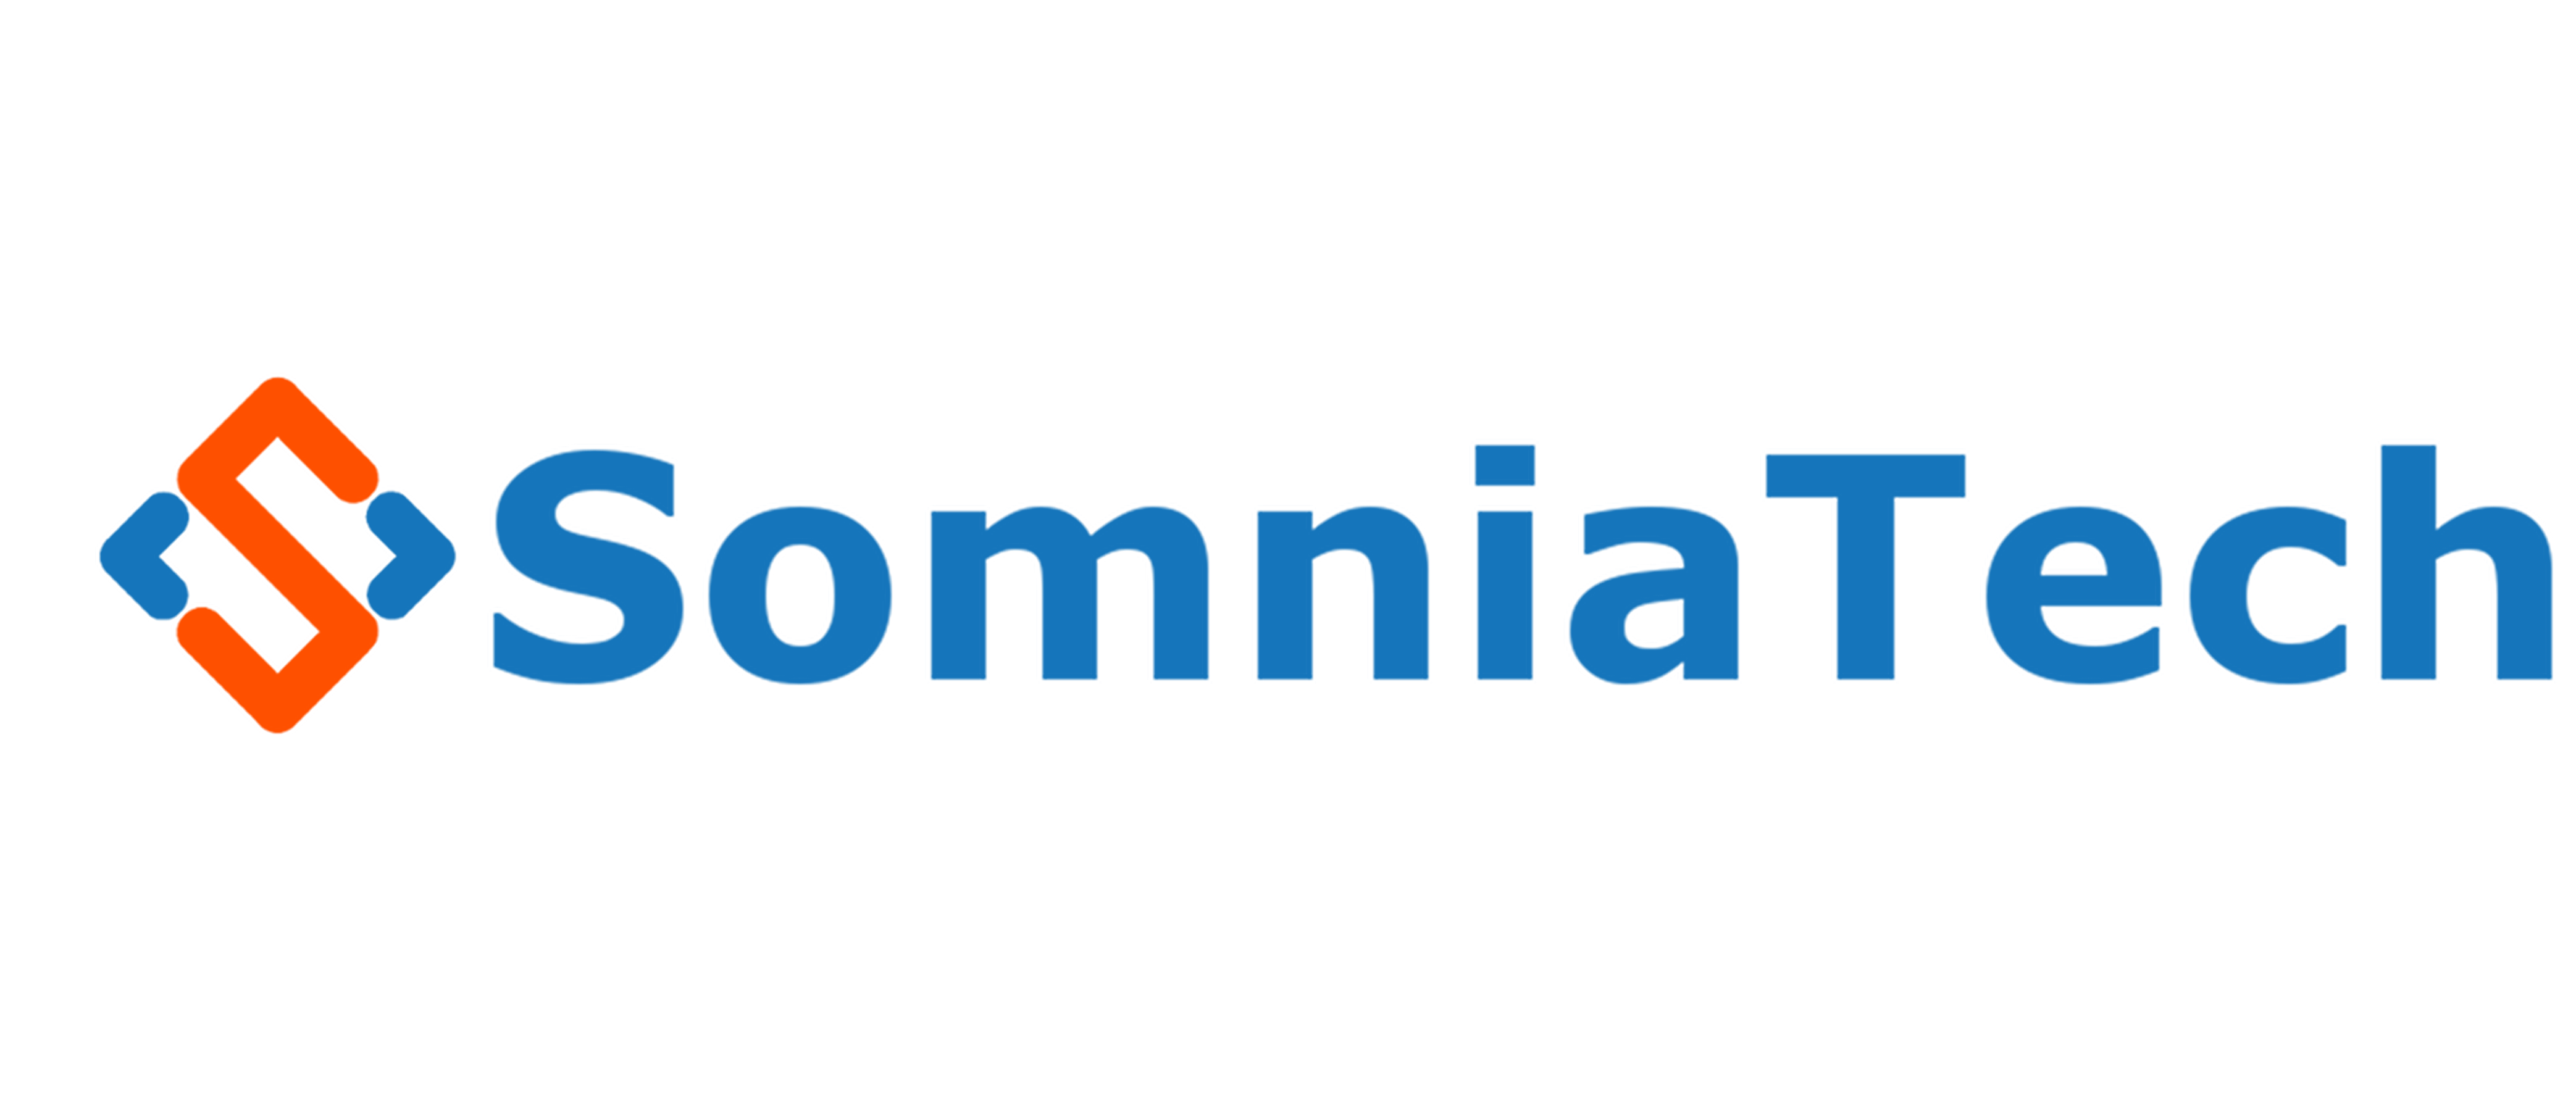 SomniaTech